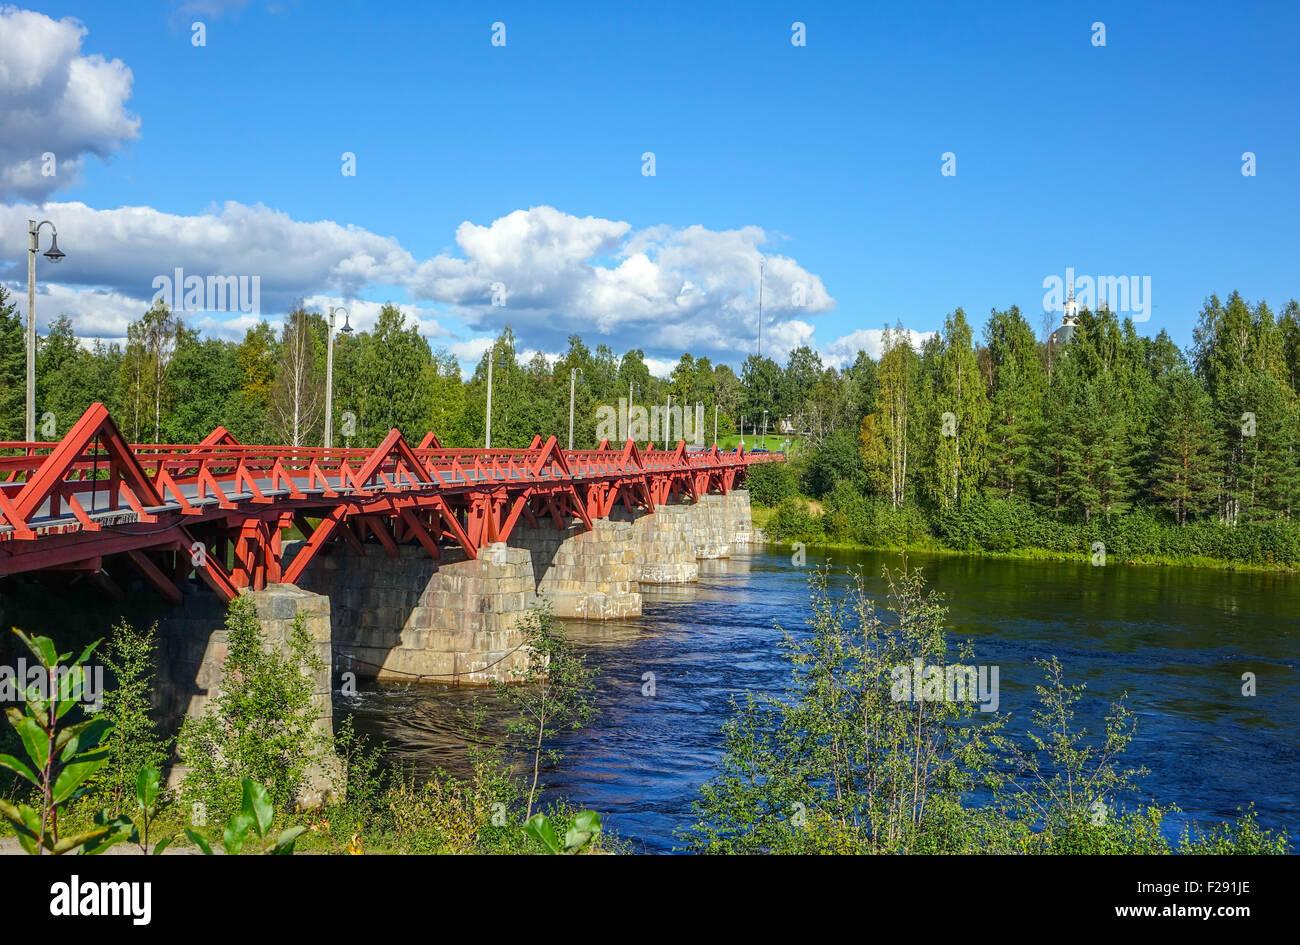 Oldest wooden bridge in Sweden, Lejonstromsbron, Skelleftea, Swedish Lapland - Stock Image